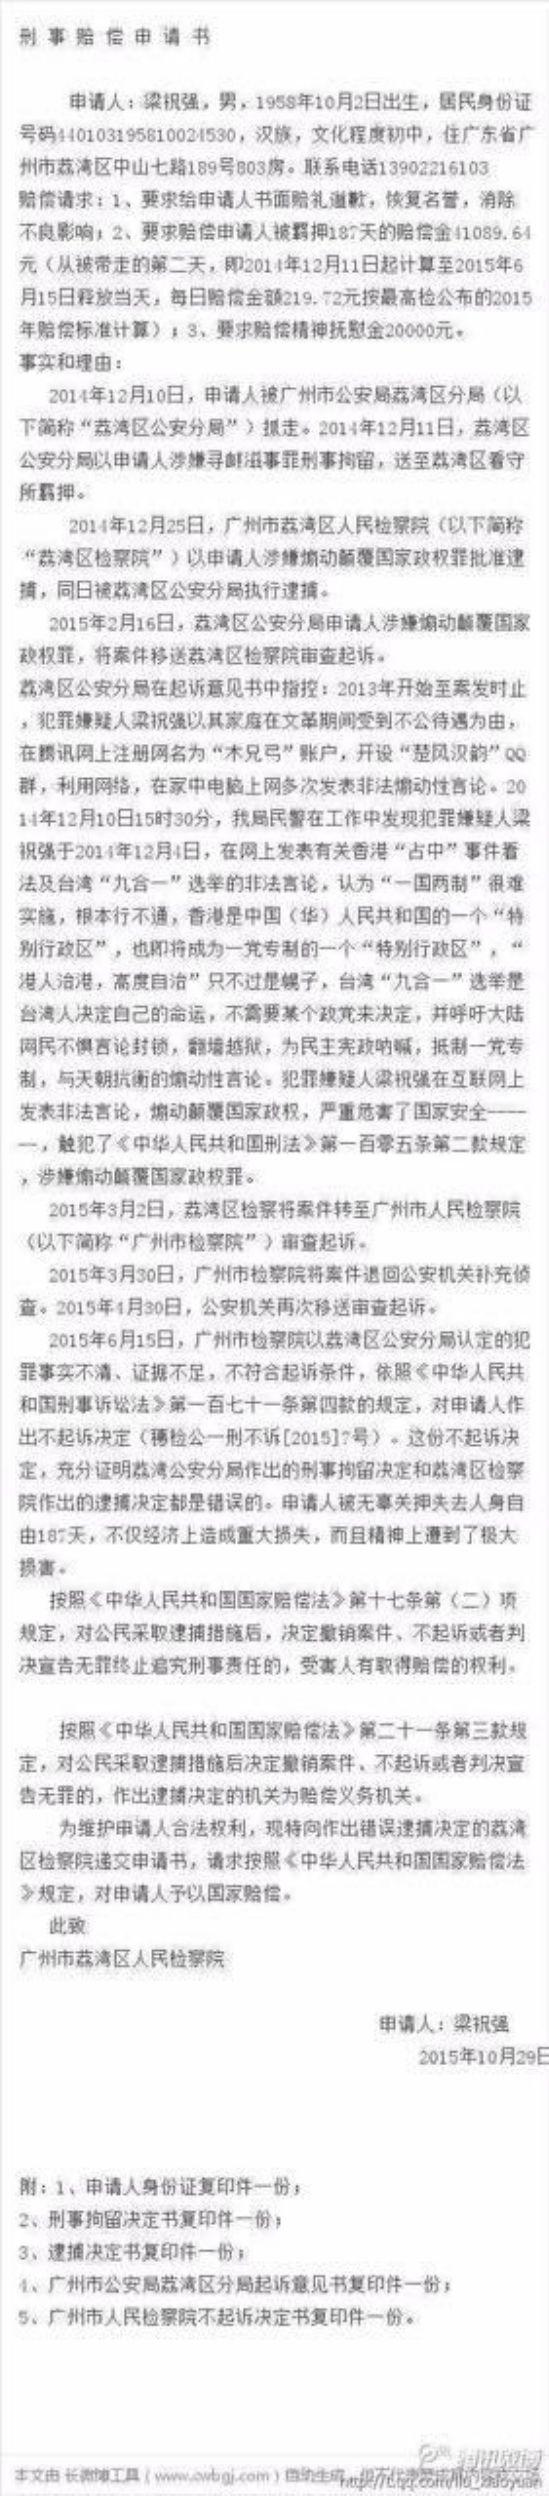 201512201206china6